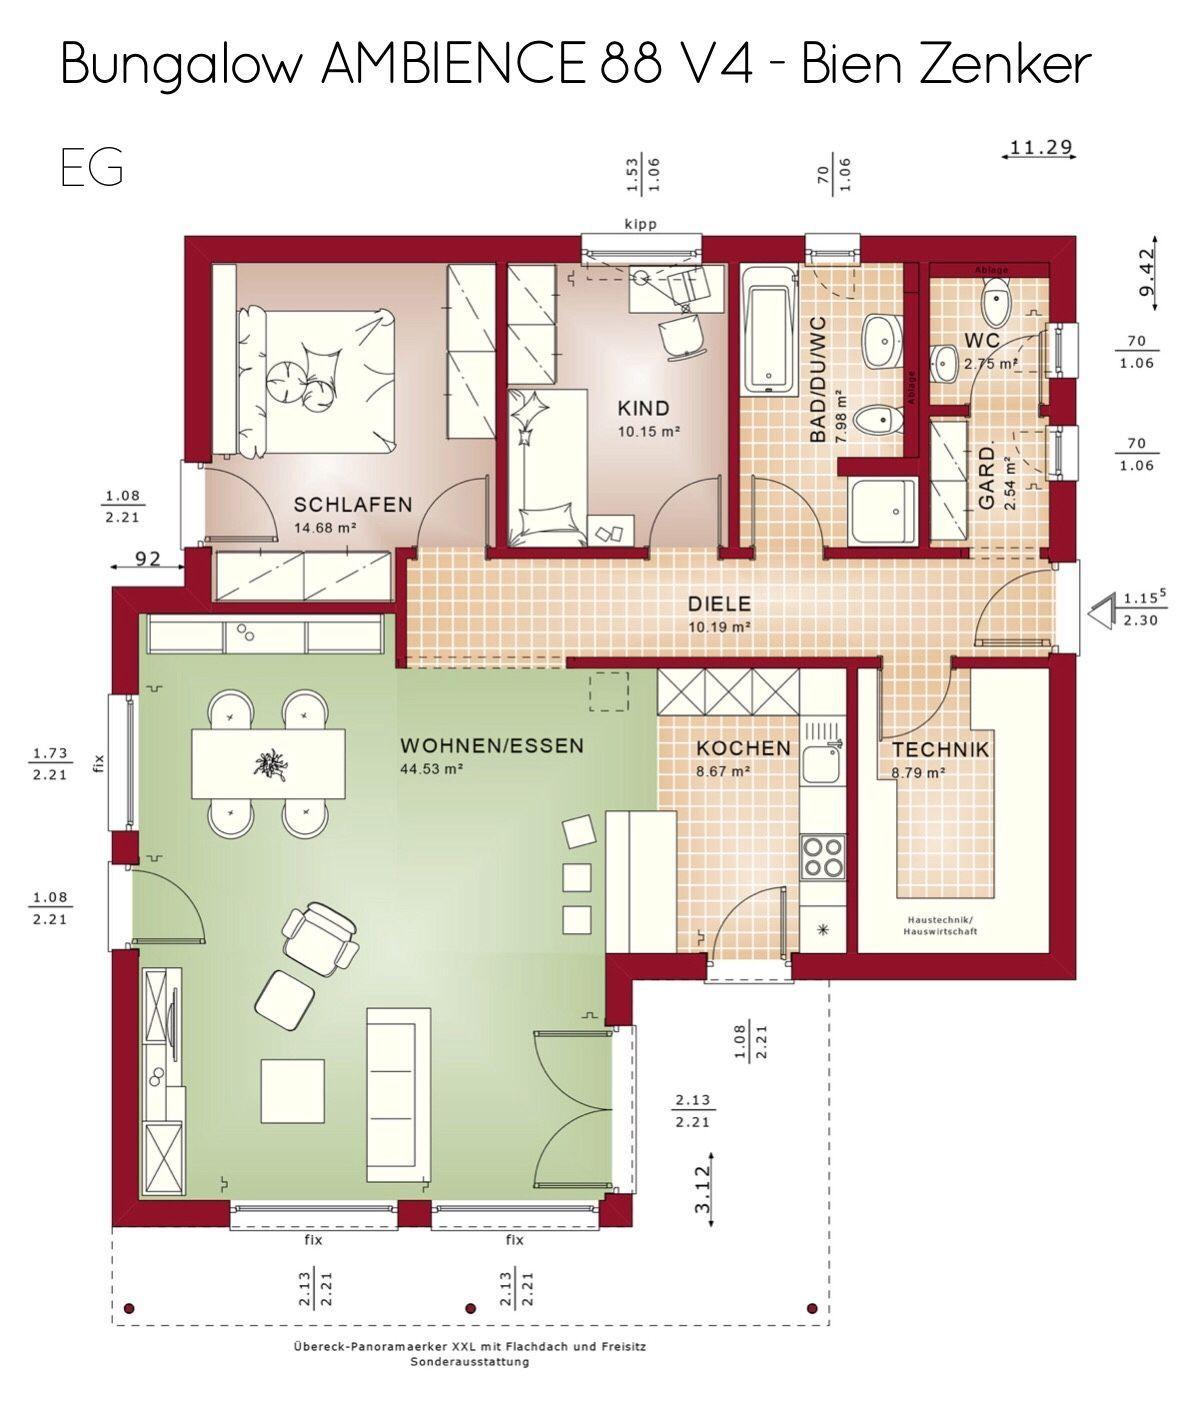 Moderner Bungalow Grundriss ebenerdig mit Flachdach